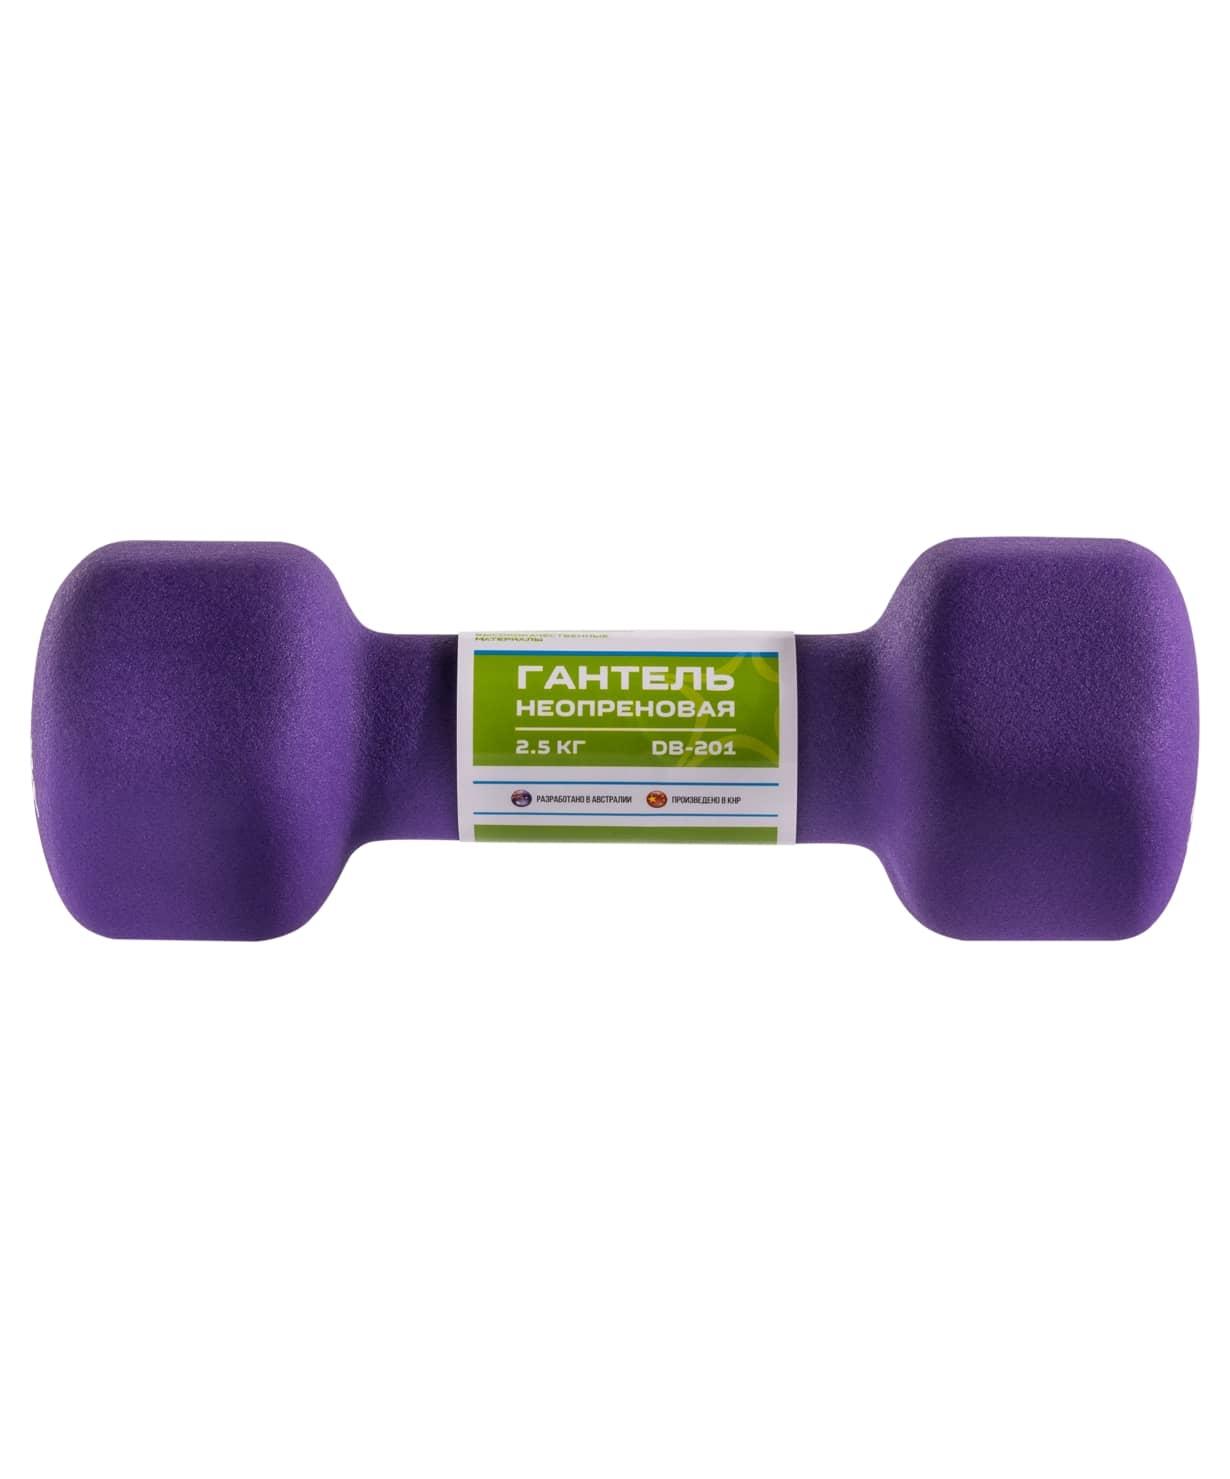 Гантель неопреновая STARFIT DB-201 2,5 кг, фиолетовый (1 шт.) 1/8